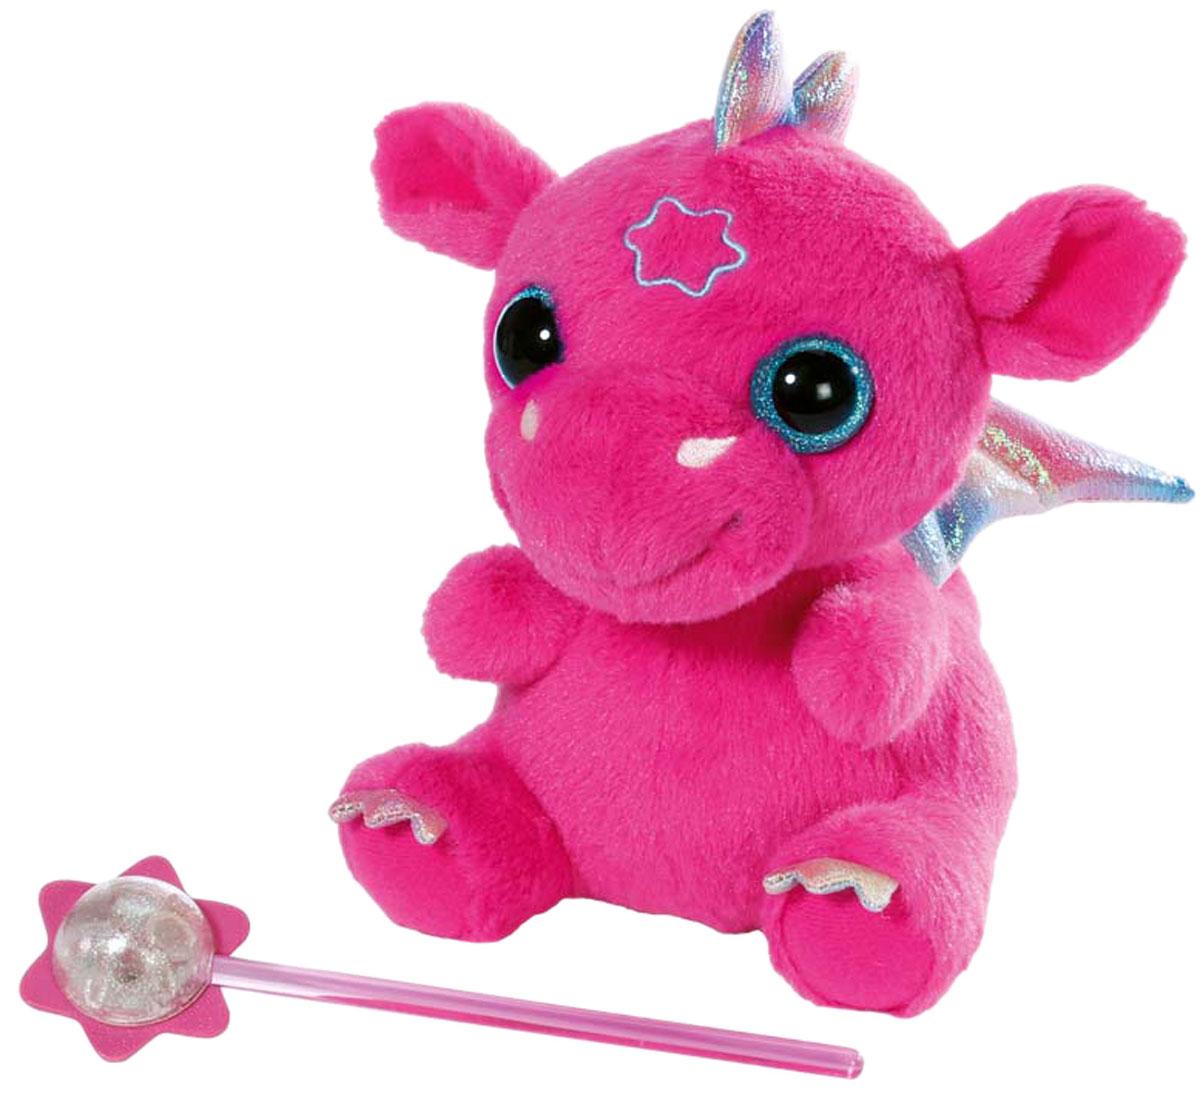 Baby Born Интерактивная игрушка Дракон822-418Оригинальная интерактивная игрушка Baby Born Дракон обязательно понравится вашей дочурке. Плюшевый дракон с радужными крылышками выглядит поистине сказочно, а если дотронуться до его лба волшебной палочкой из комплекта, он издаст мелодичное урчание. Выполнена игрушка из безопасных гипоаллергенных материалов. Такой дракончик станет замечательным другом для вашей малышки. Рекомендуется докупить 3 батарейки типа LR44 (товар комплектуется демонстрационными).